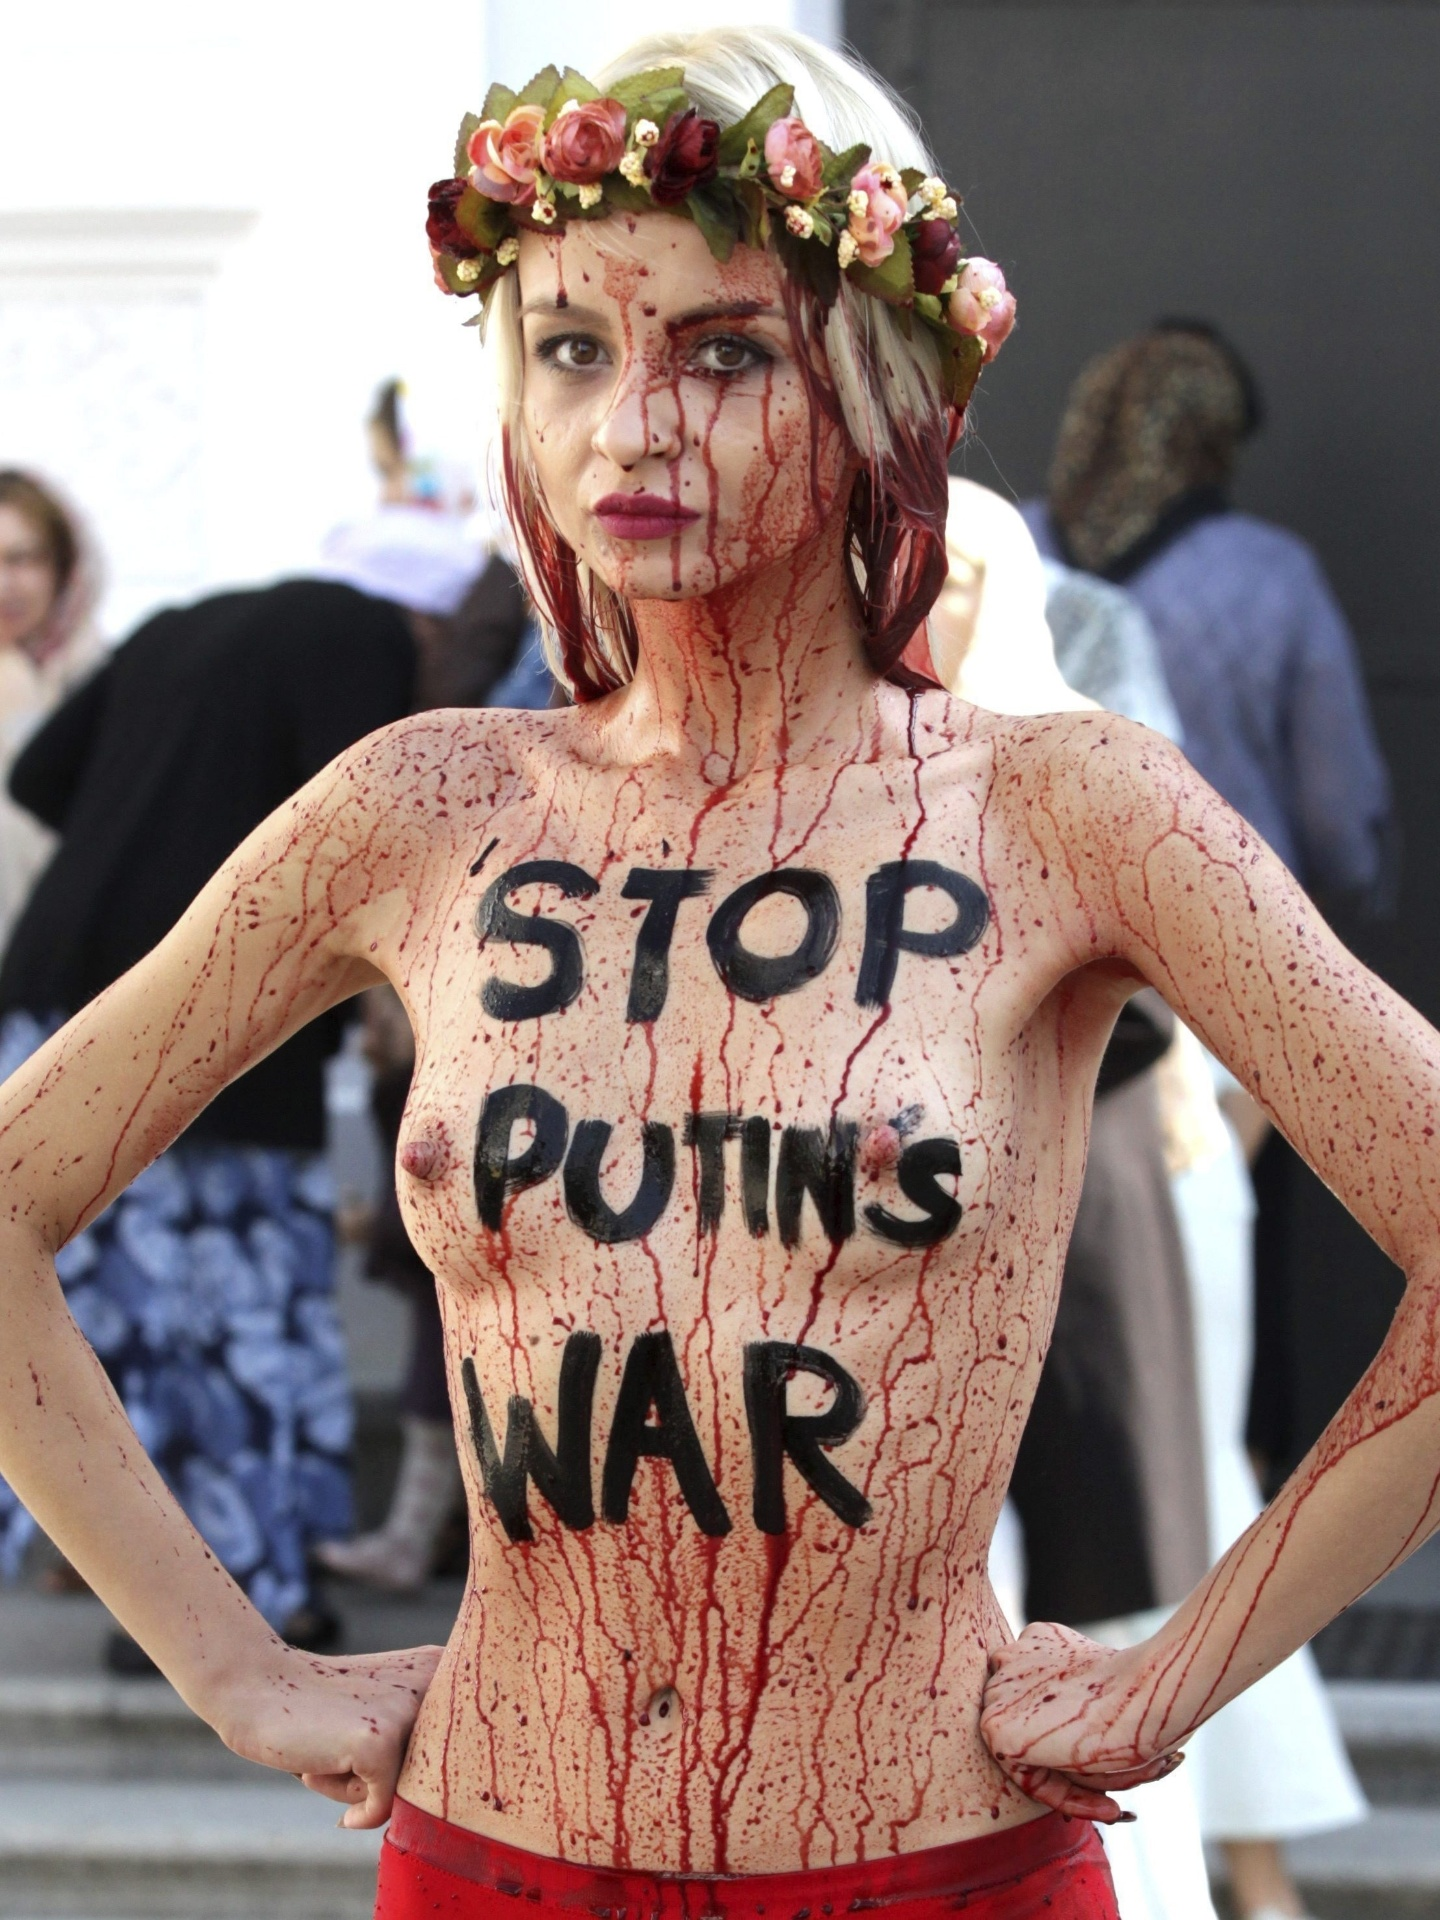 11.set.2014 - Ativista do grupo Femen se banha com sangue falso durante protesto em Kiev, na Ucrânia, contra a intervenção da Rússia no país. Em seu corpo está escrito ?Pare a guerra de Putin?, fazendo menção ao presidente russo, Vladimir Putin